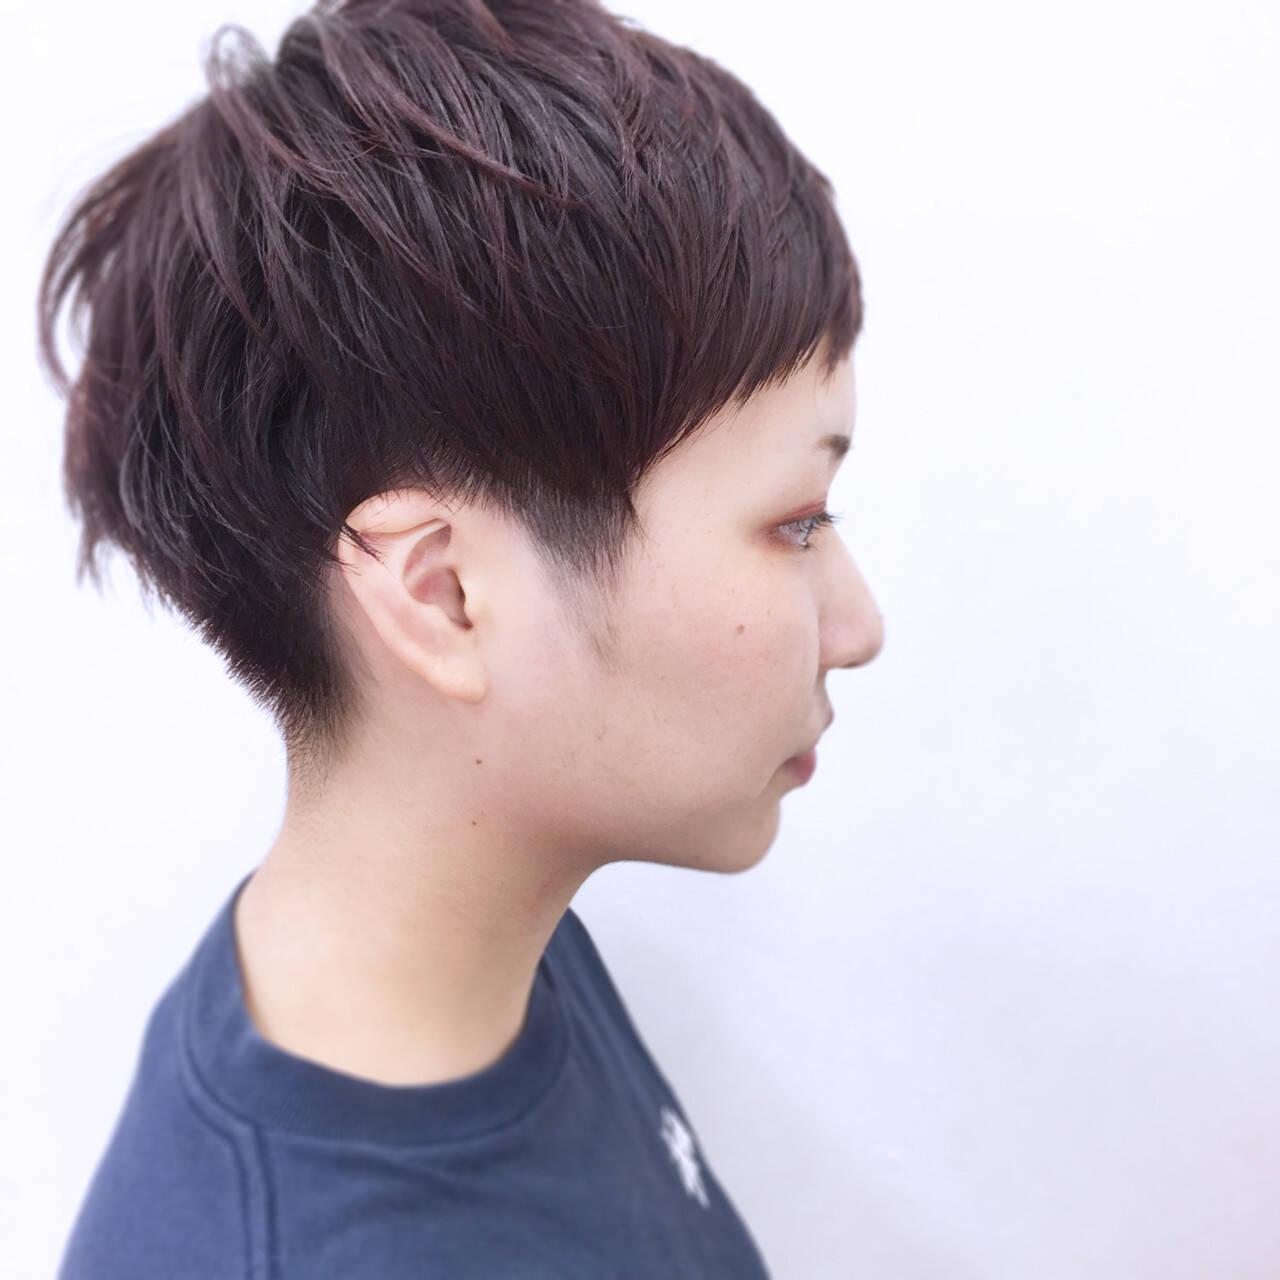 レッド 前髪あり ショート 大人かわいいヘアスタイルや髪型の写真・画像